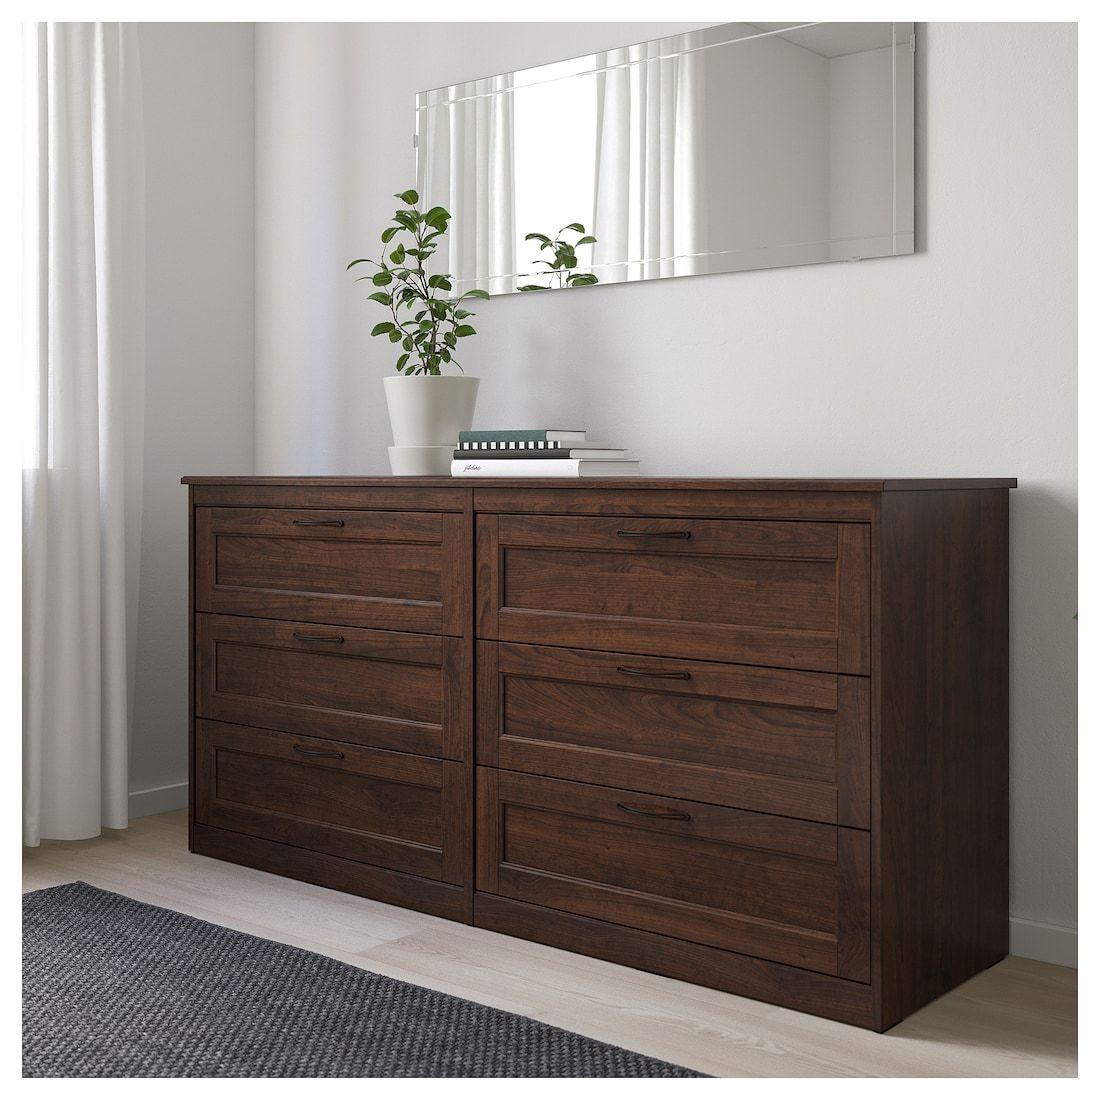 SONGESAND 6drawer dresser brown IKEA Dresser